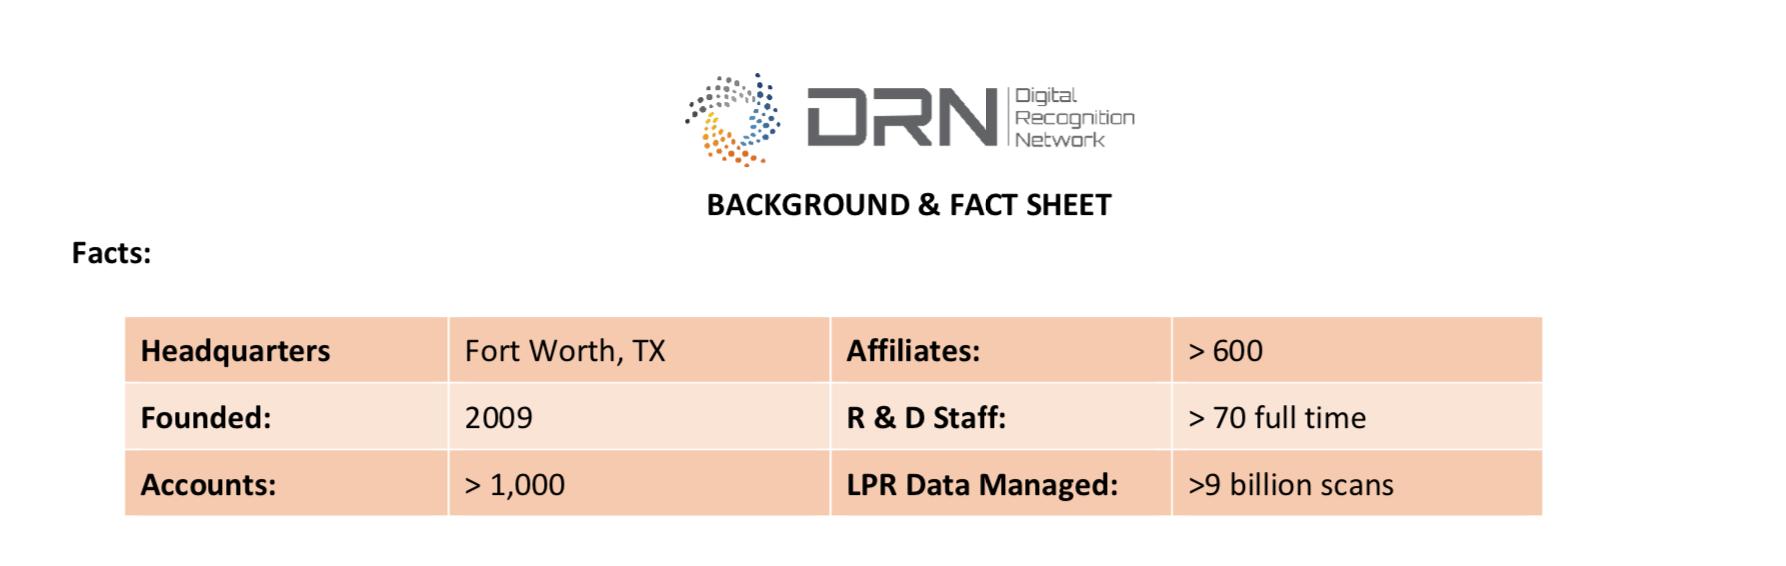 drn-stats